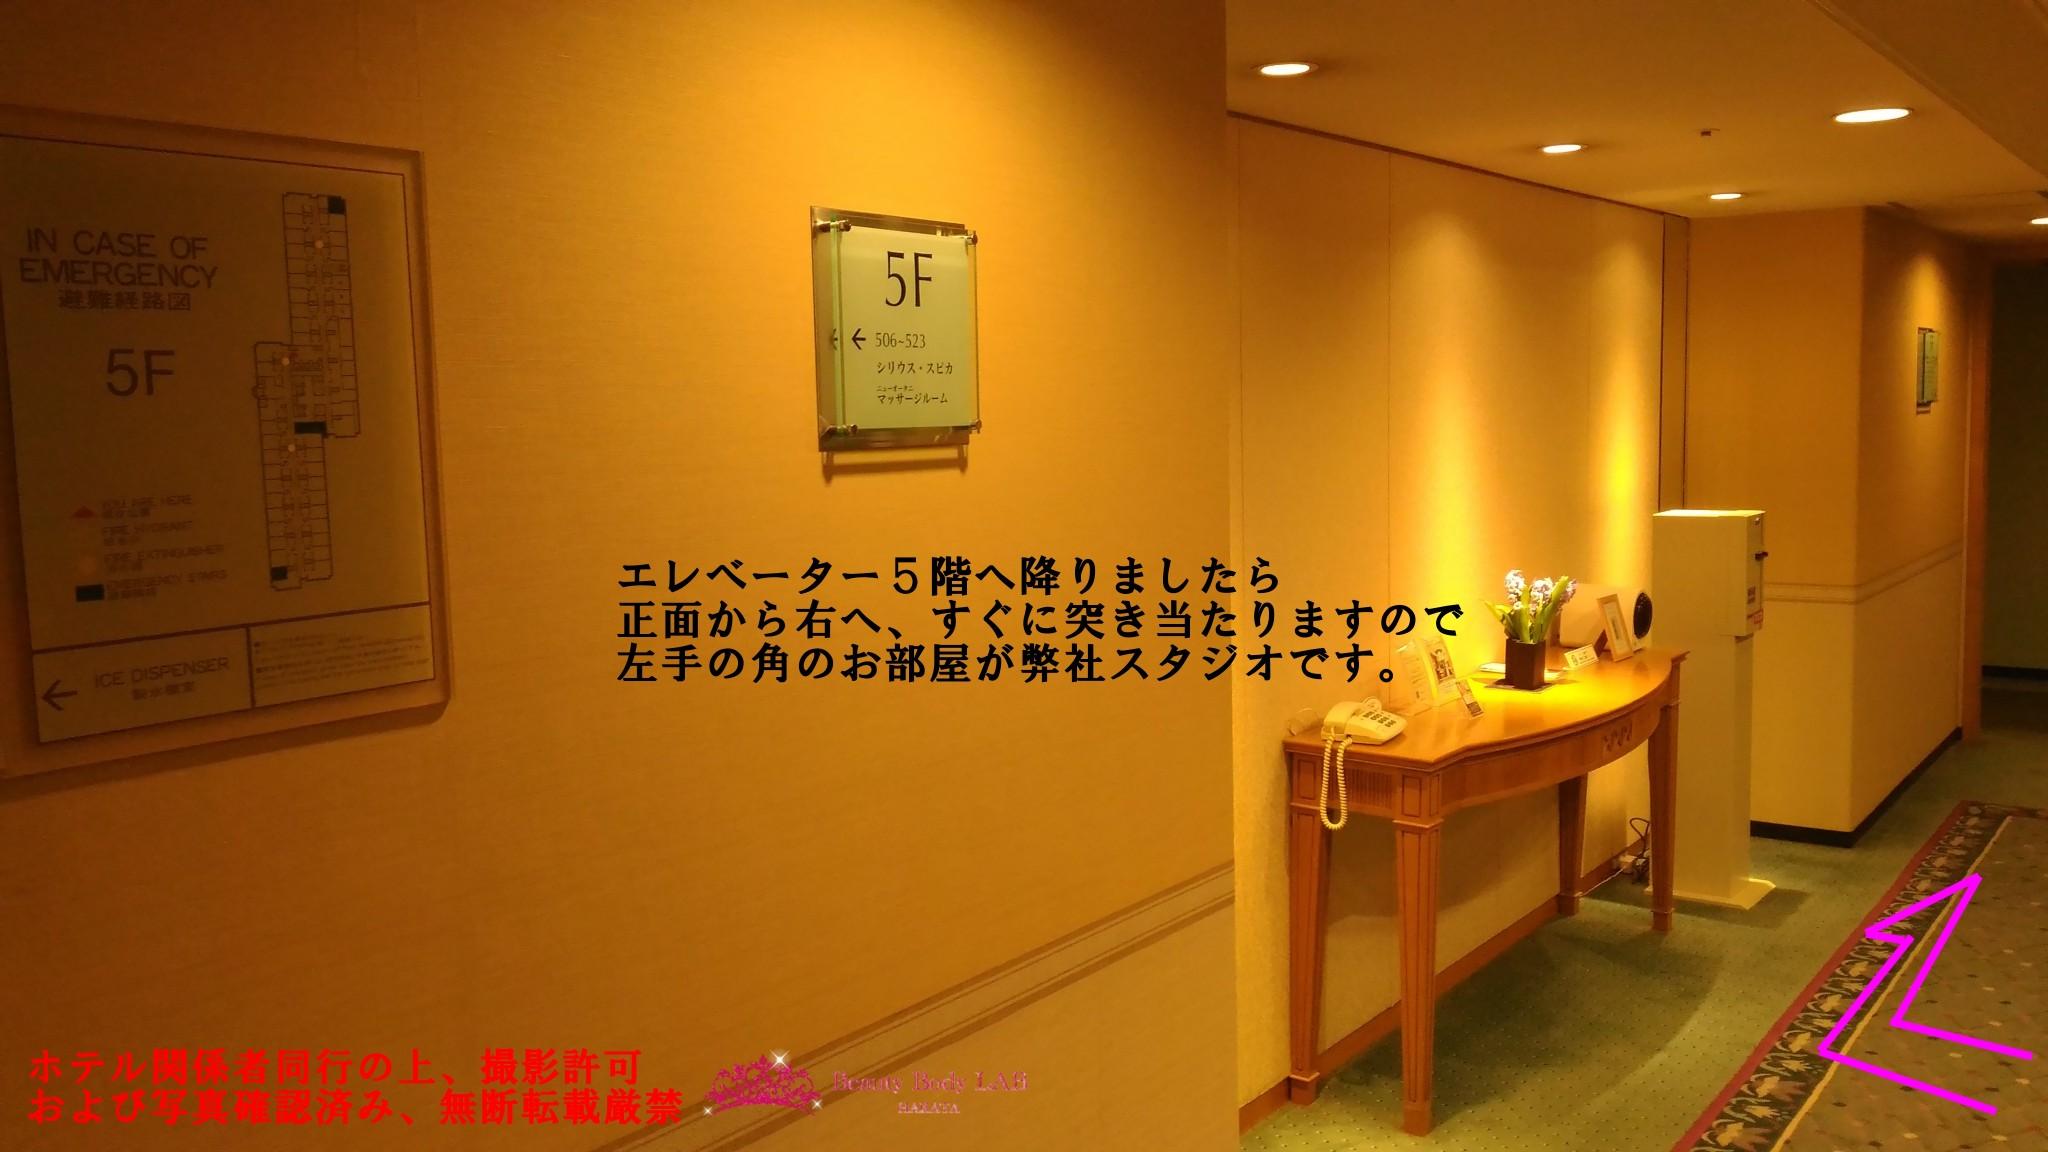 ホテルニューオータニ博多 ホテル内ルート案内